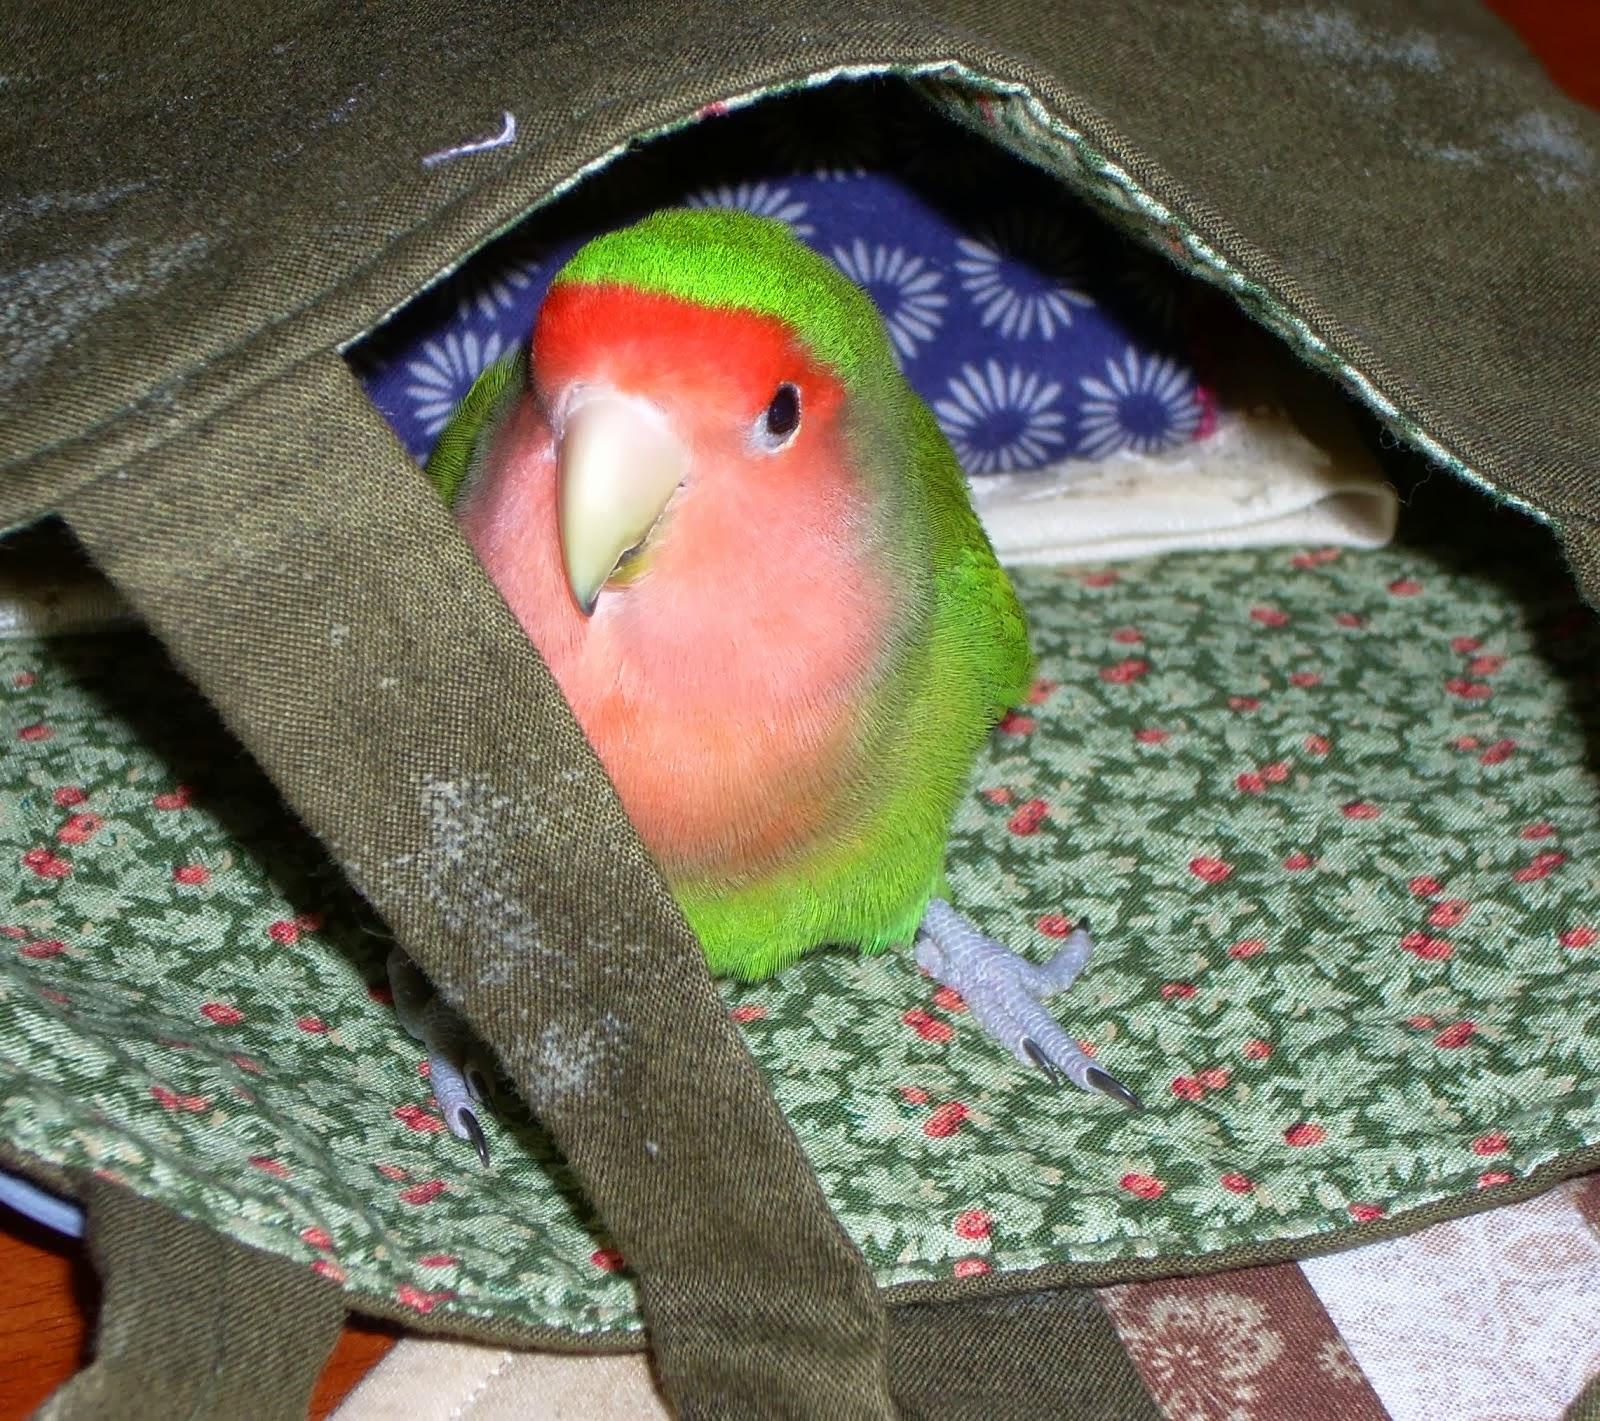 Bob in a bag